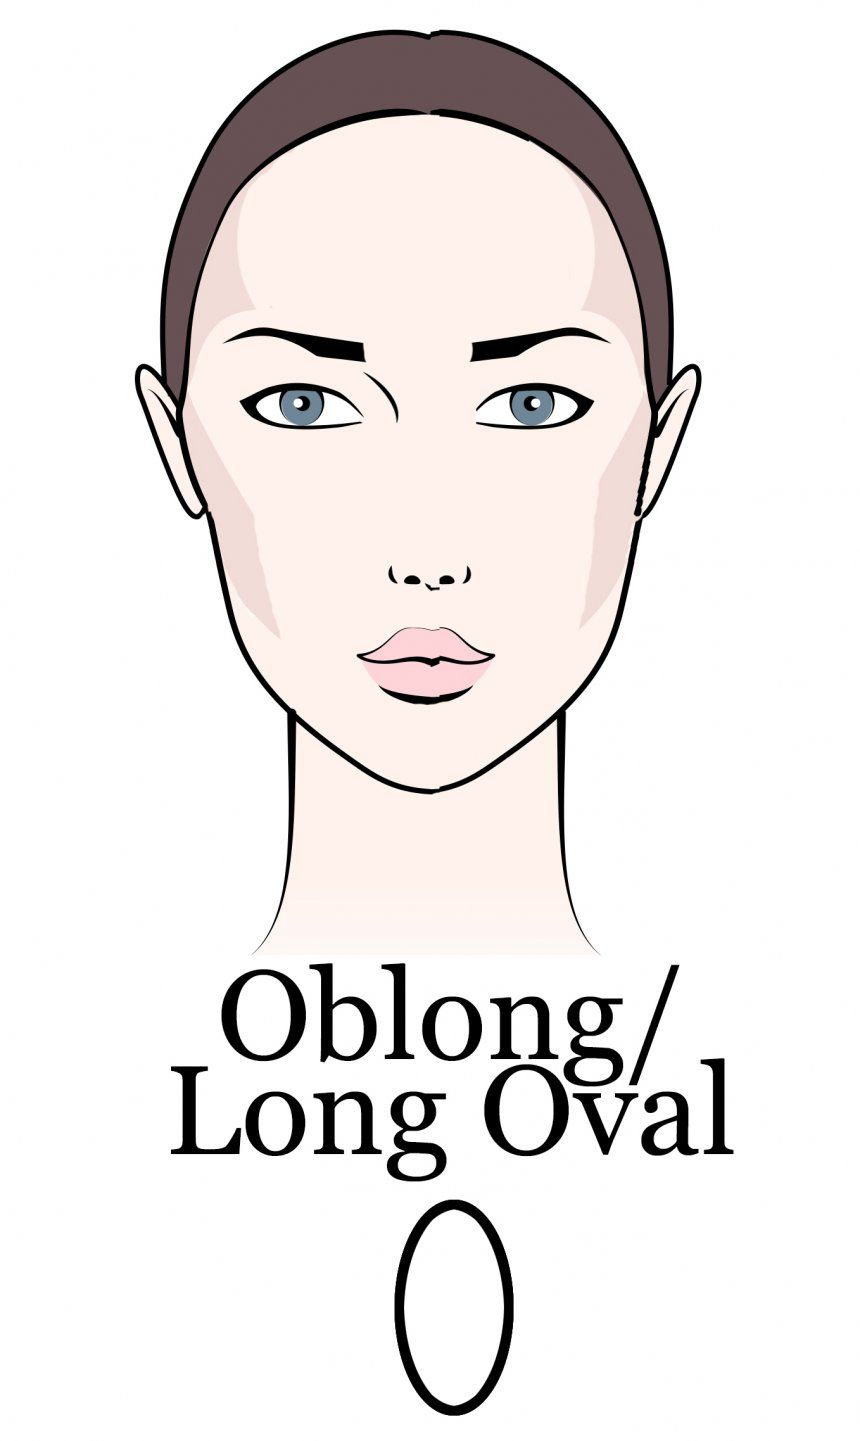 28++ Oblong vs oval ideas in 2021